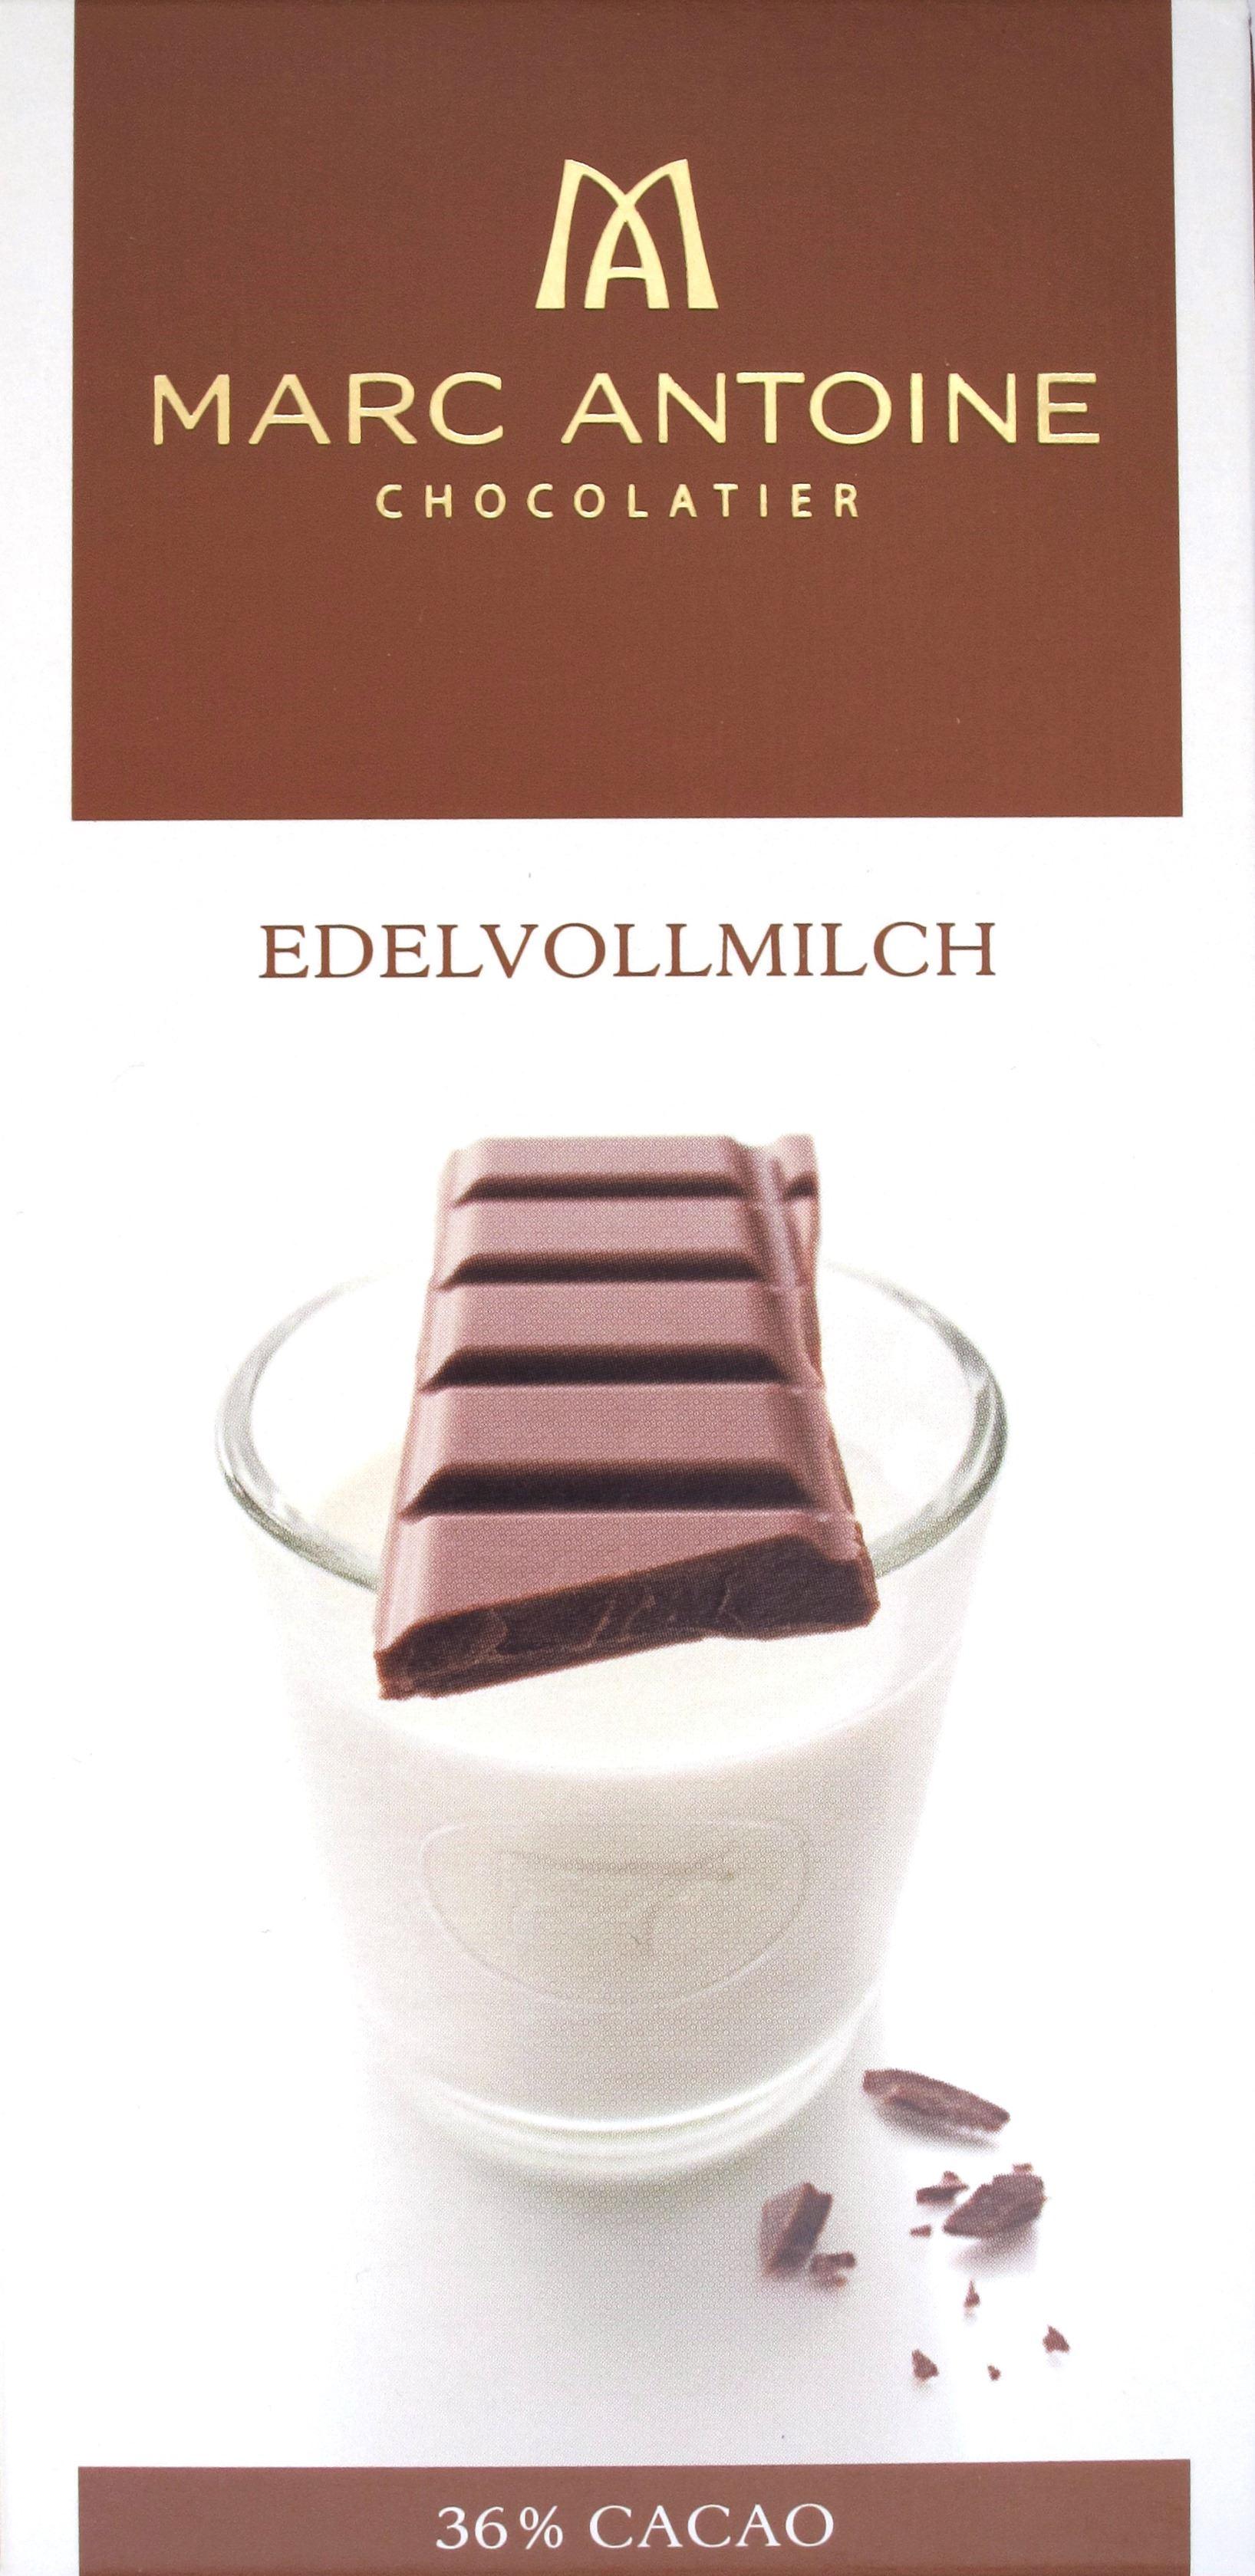 Vorderseite, Packung Marc Antoine Edelvollmilch